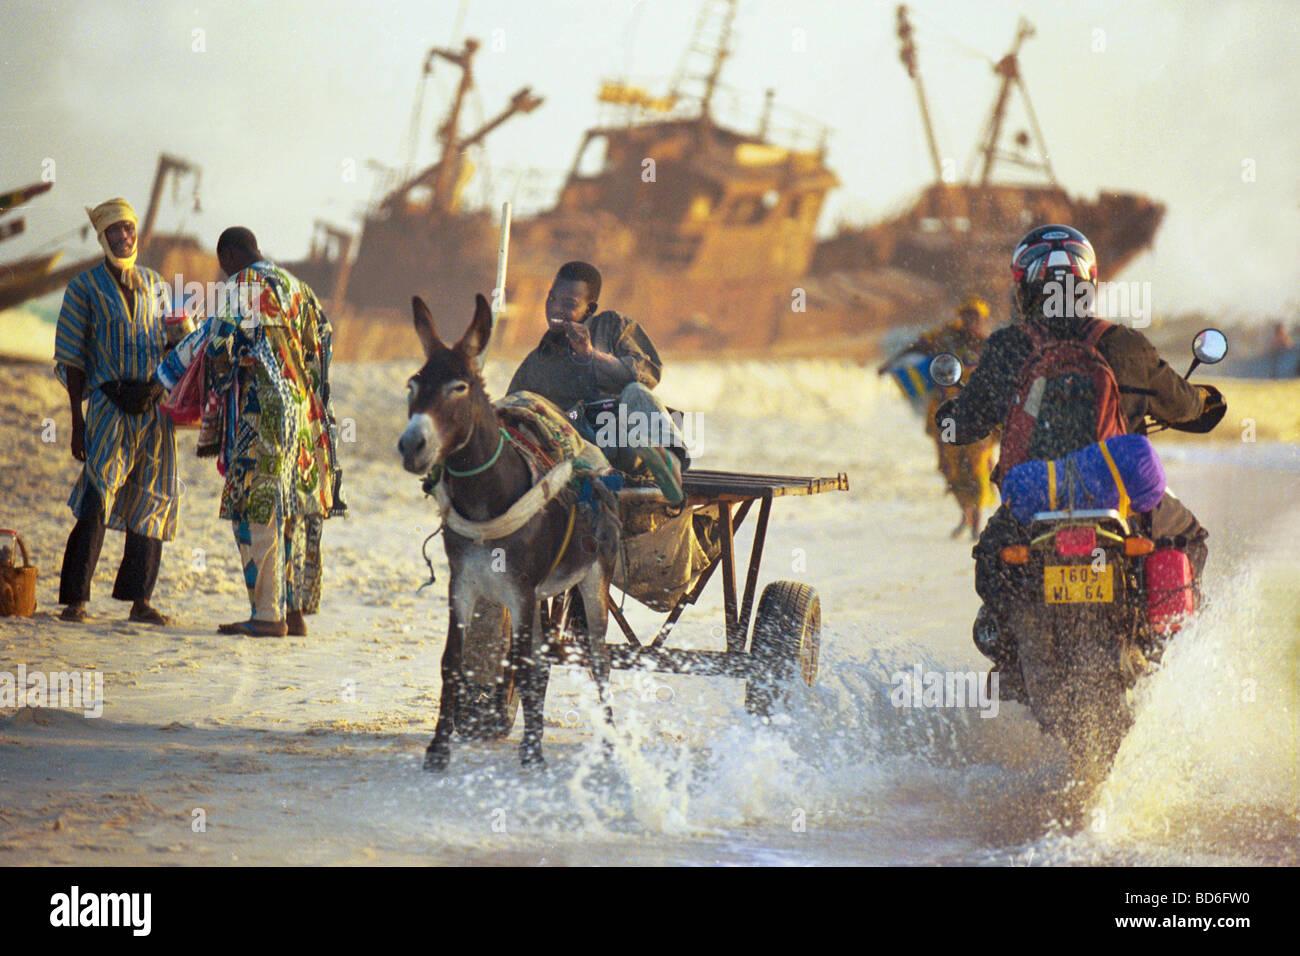 La gente viaggia su e giù il litorale in Africa occidentale. (Foto di Ami vitale) Immagini Stock